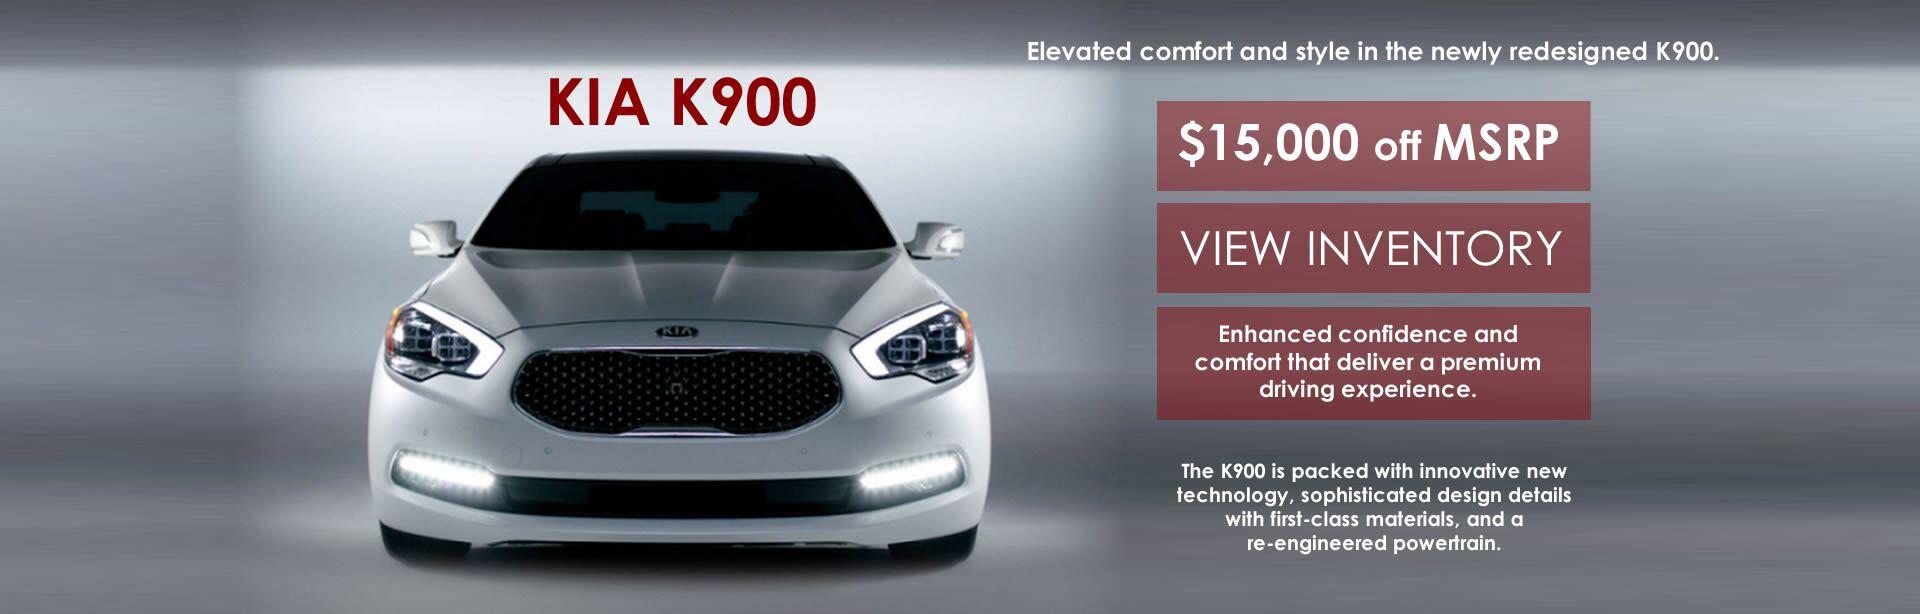 K900 $15k Off MSRP